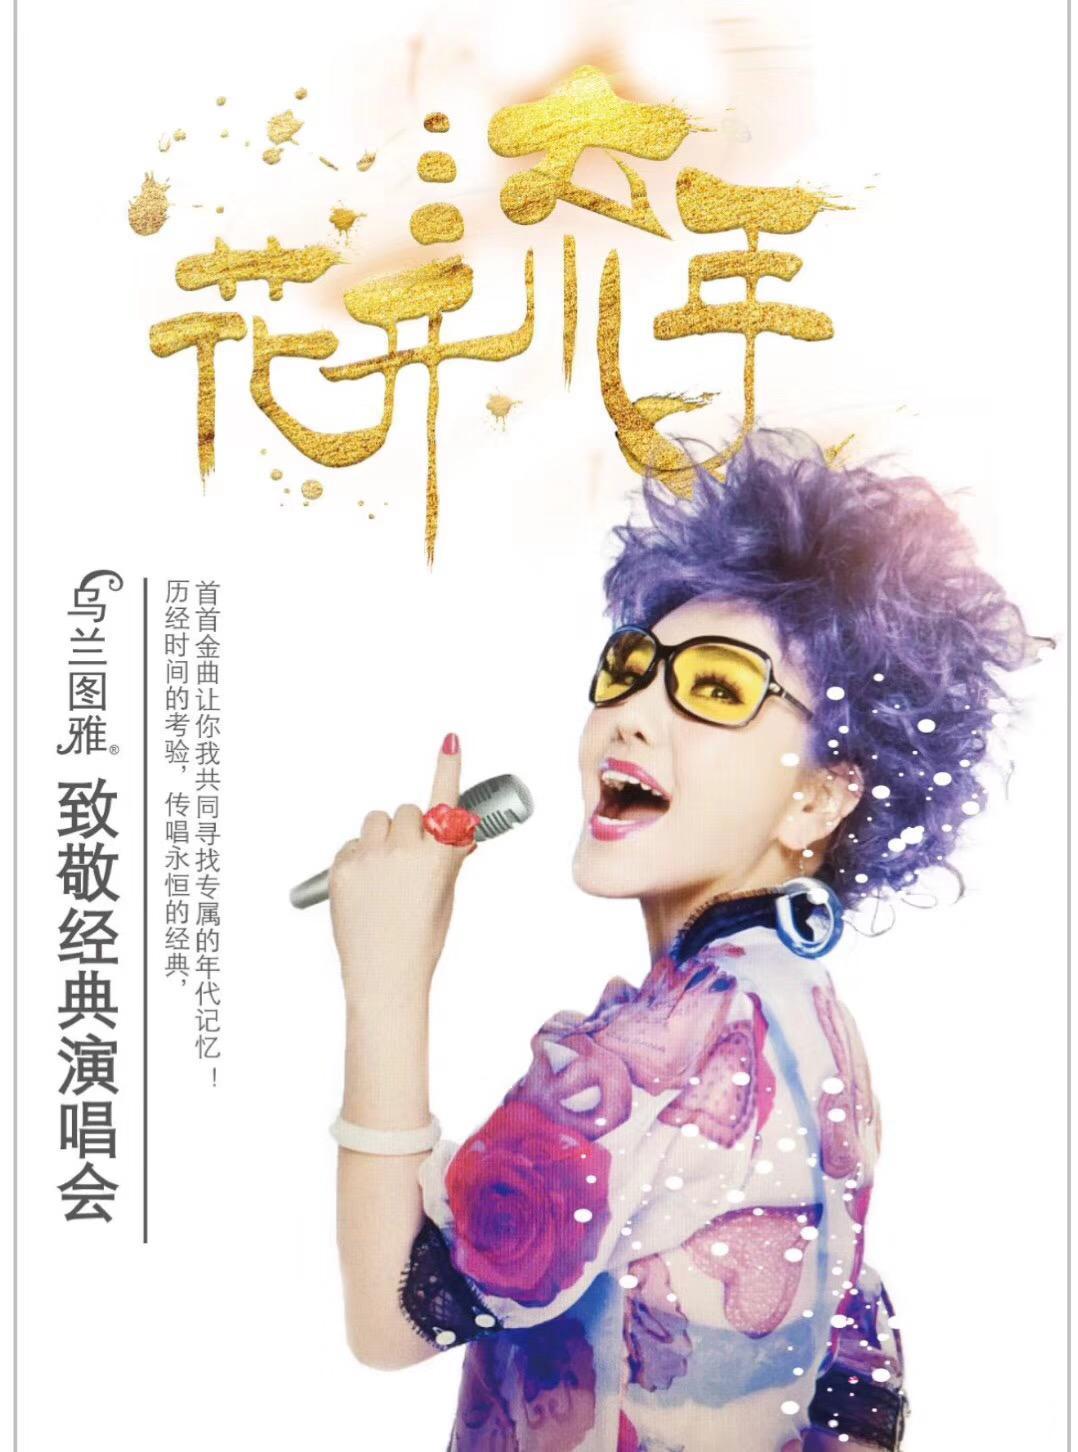 乌兰图雅:新时代中国文化产业的参与者和推动者